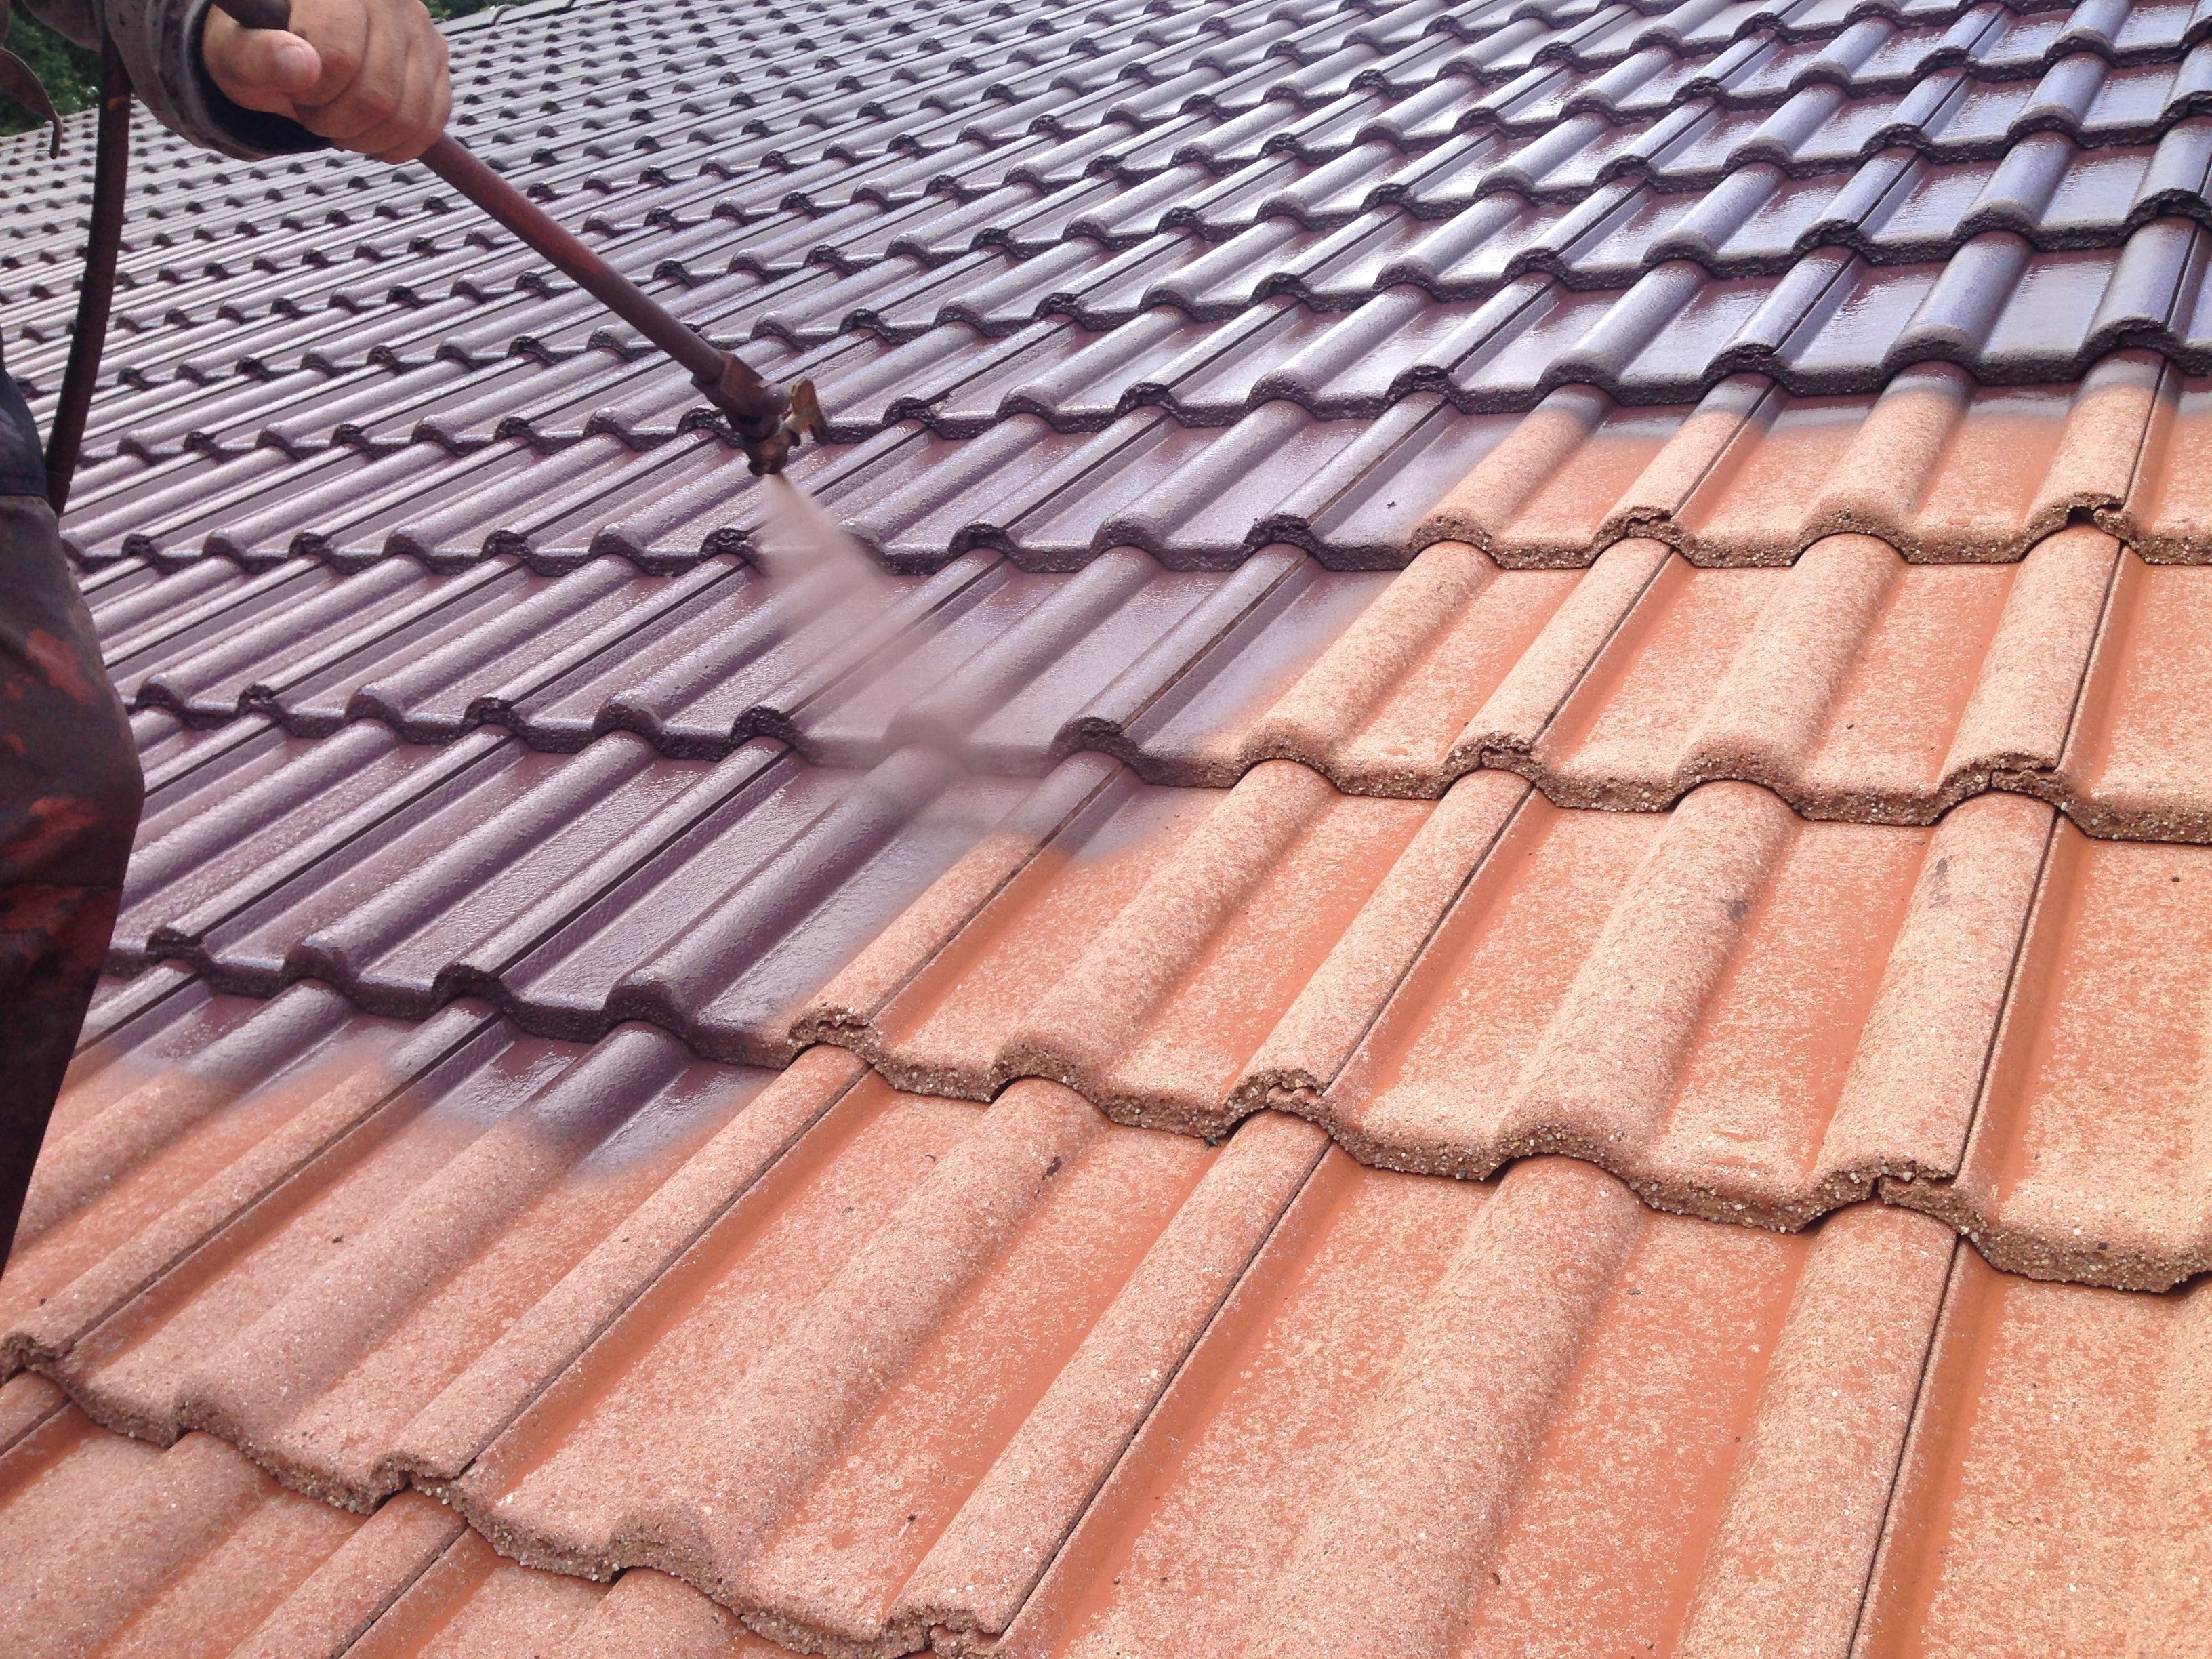 Extrem Dachreinigung mit Dachbeschichtung   SteinRein FY63